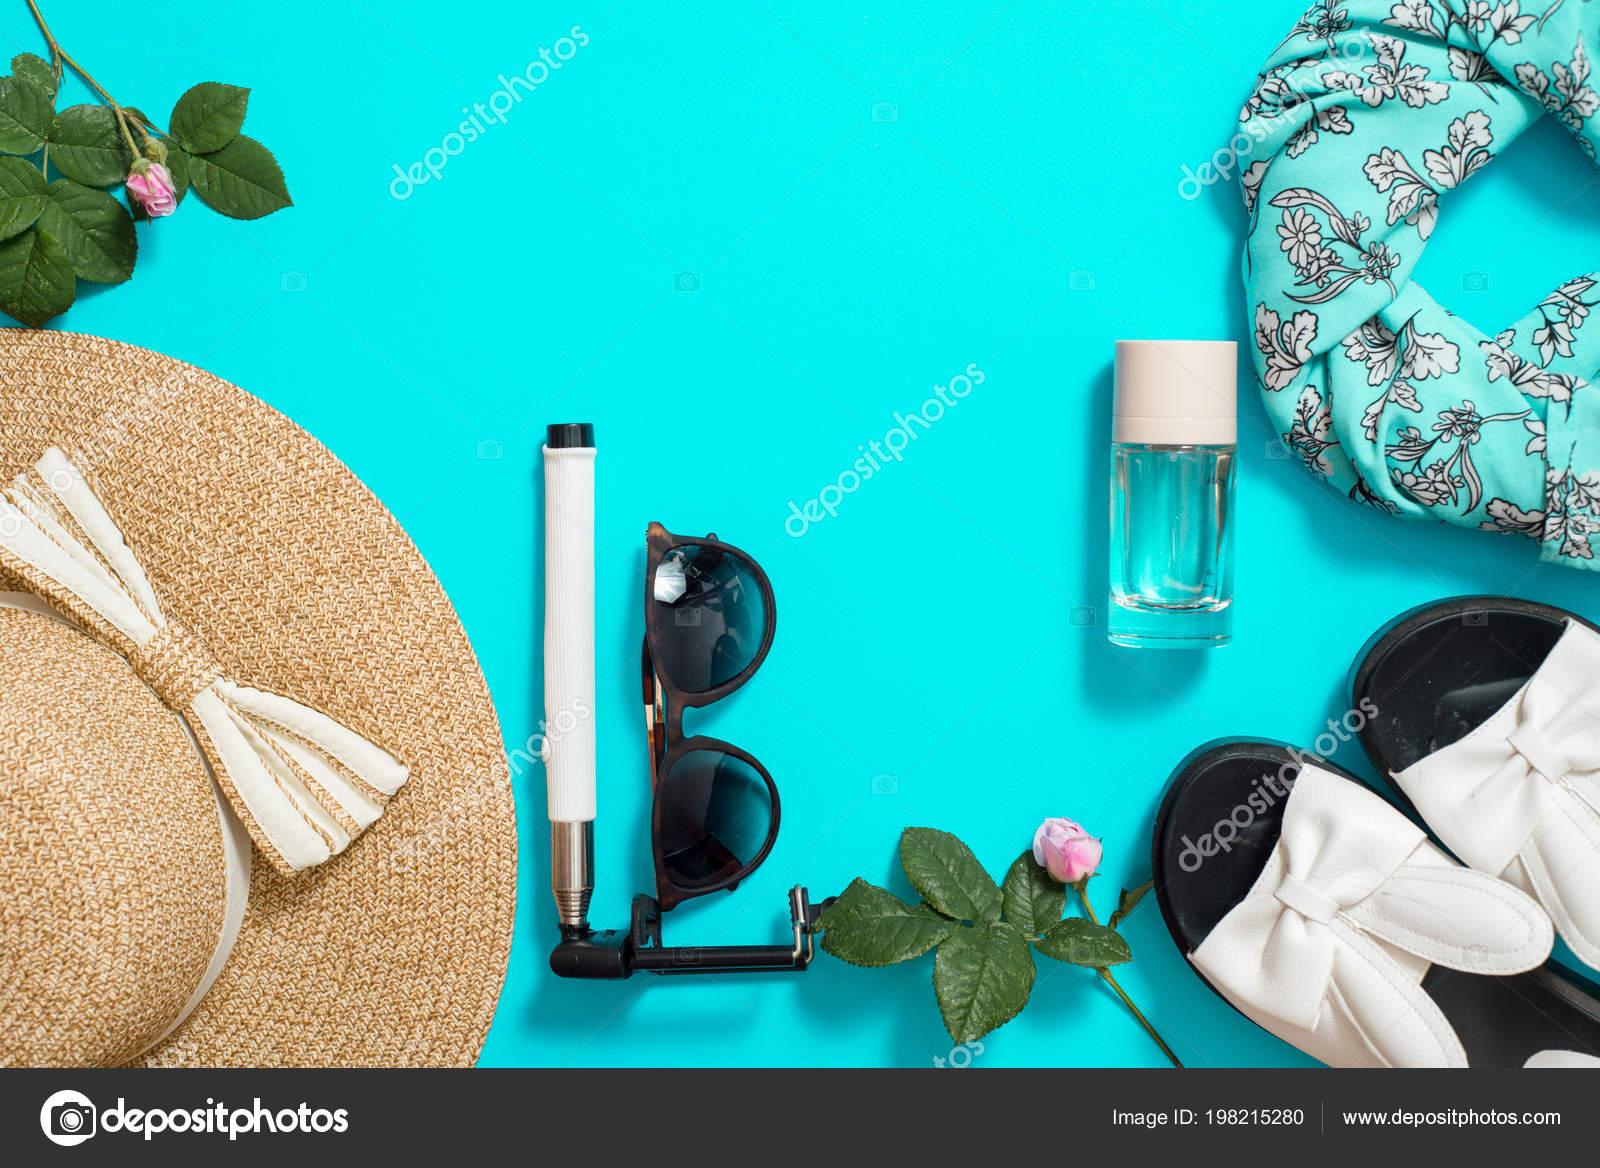 6f8a5a02ae Accesorios de verano de la vista superior, sombrero de paja, gafas de sol,  flores y selfie palillo sobre un fondo azul. Fin de semana y salir.